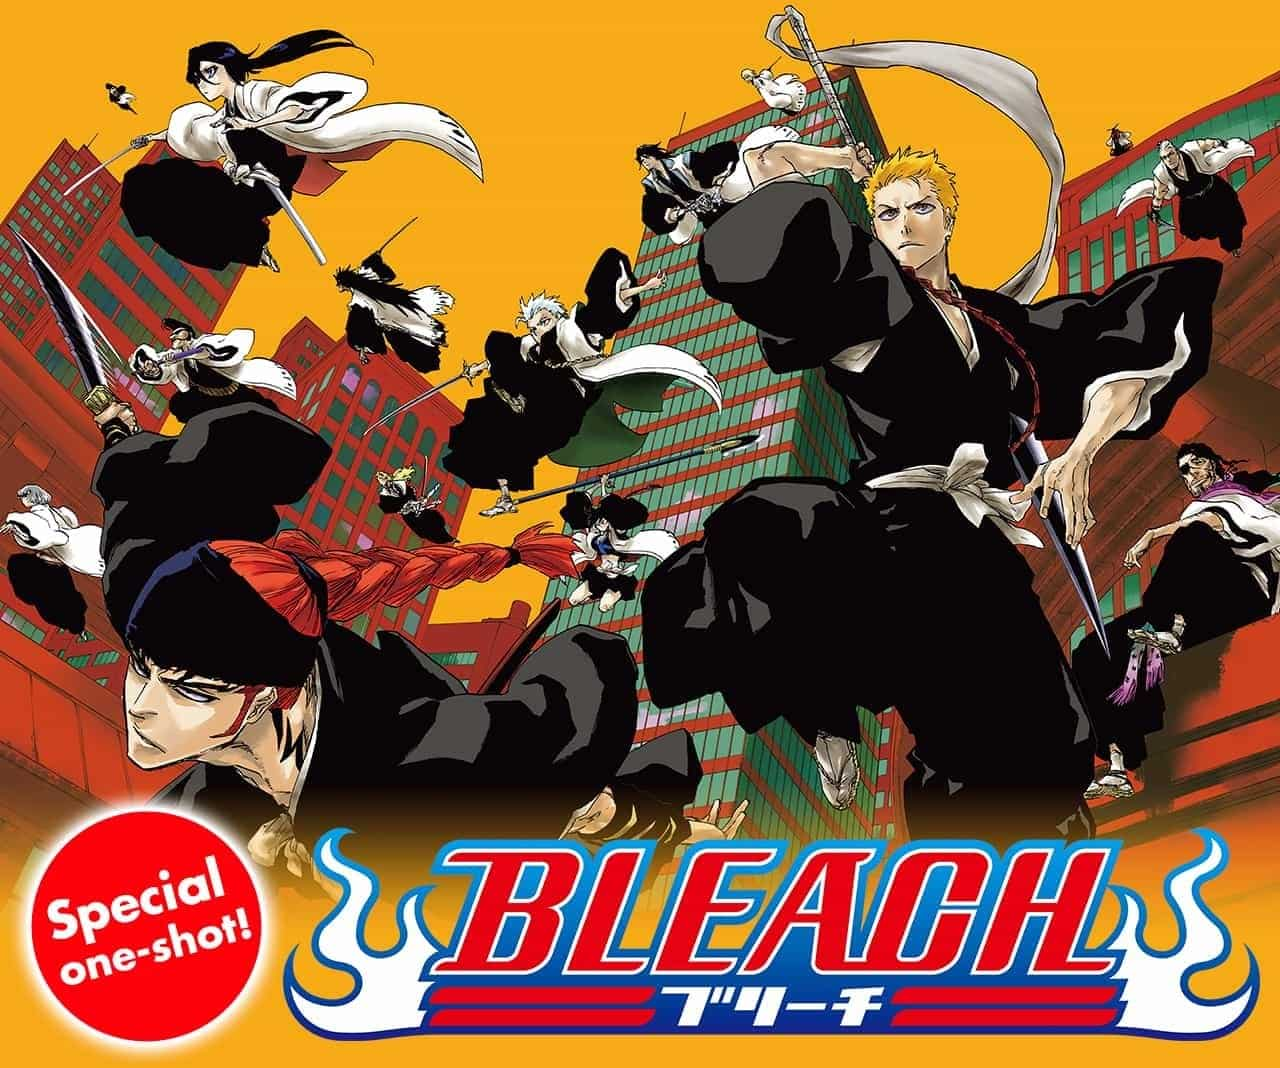 bleach one shot manga 2021